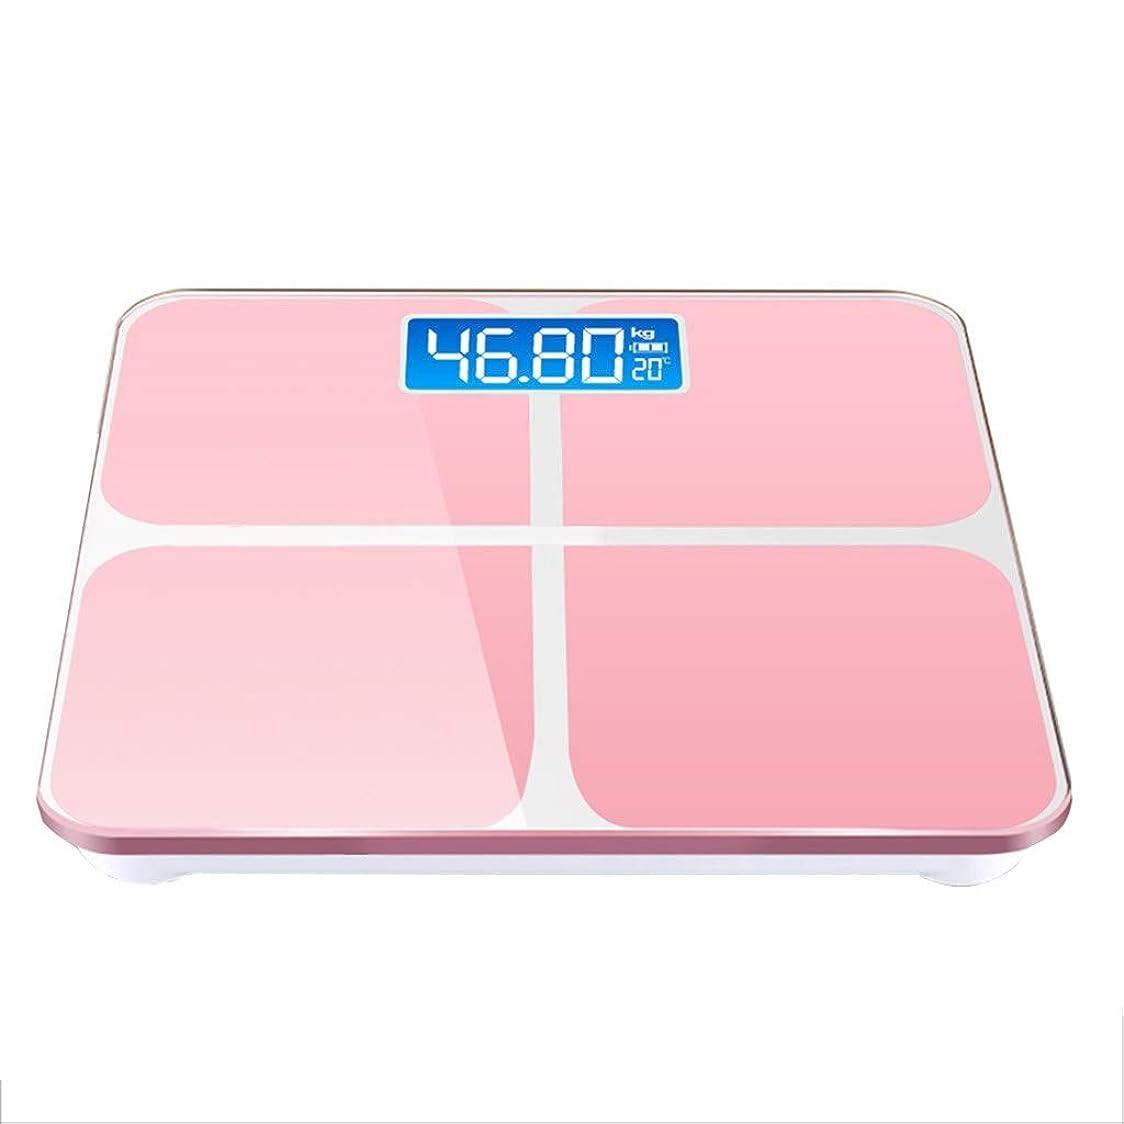 マート不運乏しい体重計 高精度デジタル体重計 体重が減る ミニ家庭用隠しスクリーンディスプレイ 容量180kg